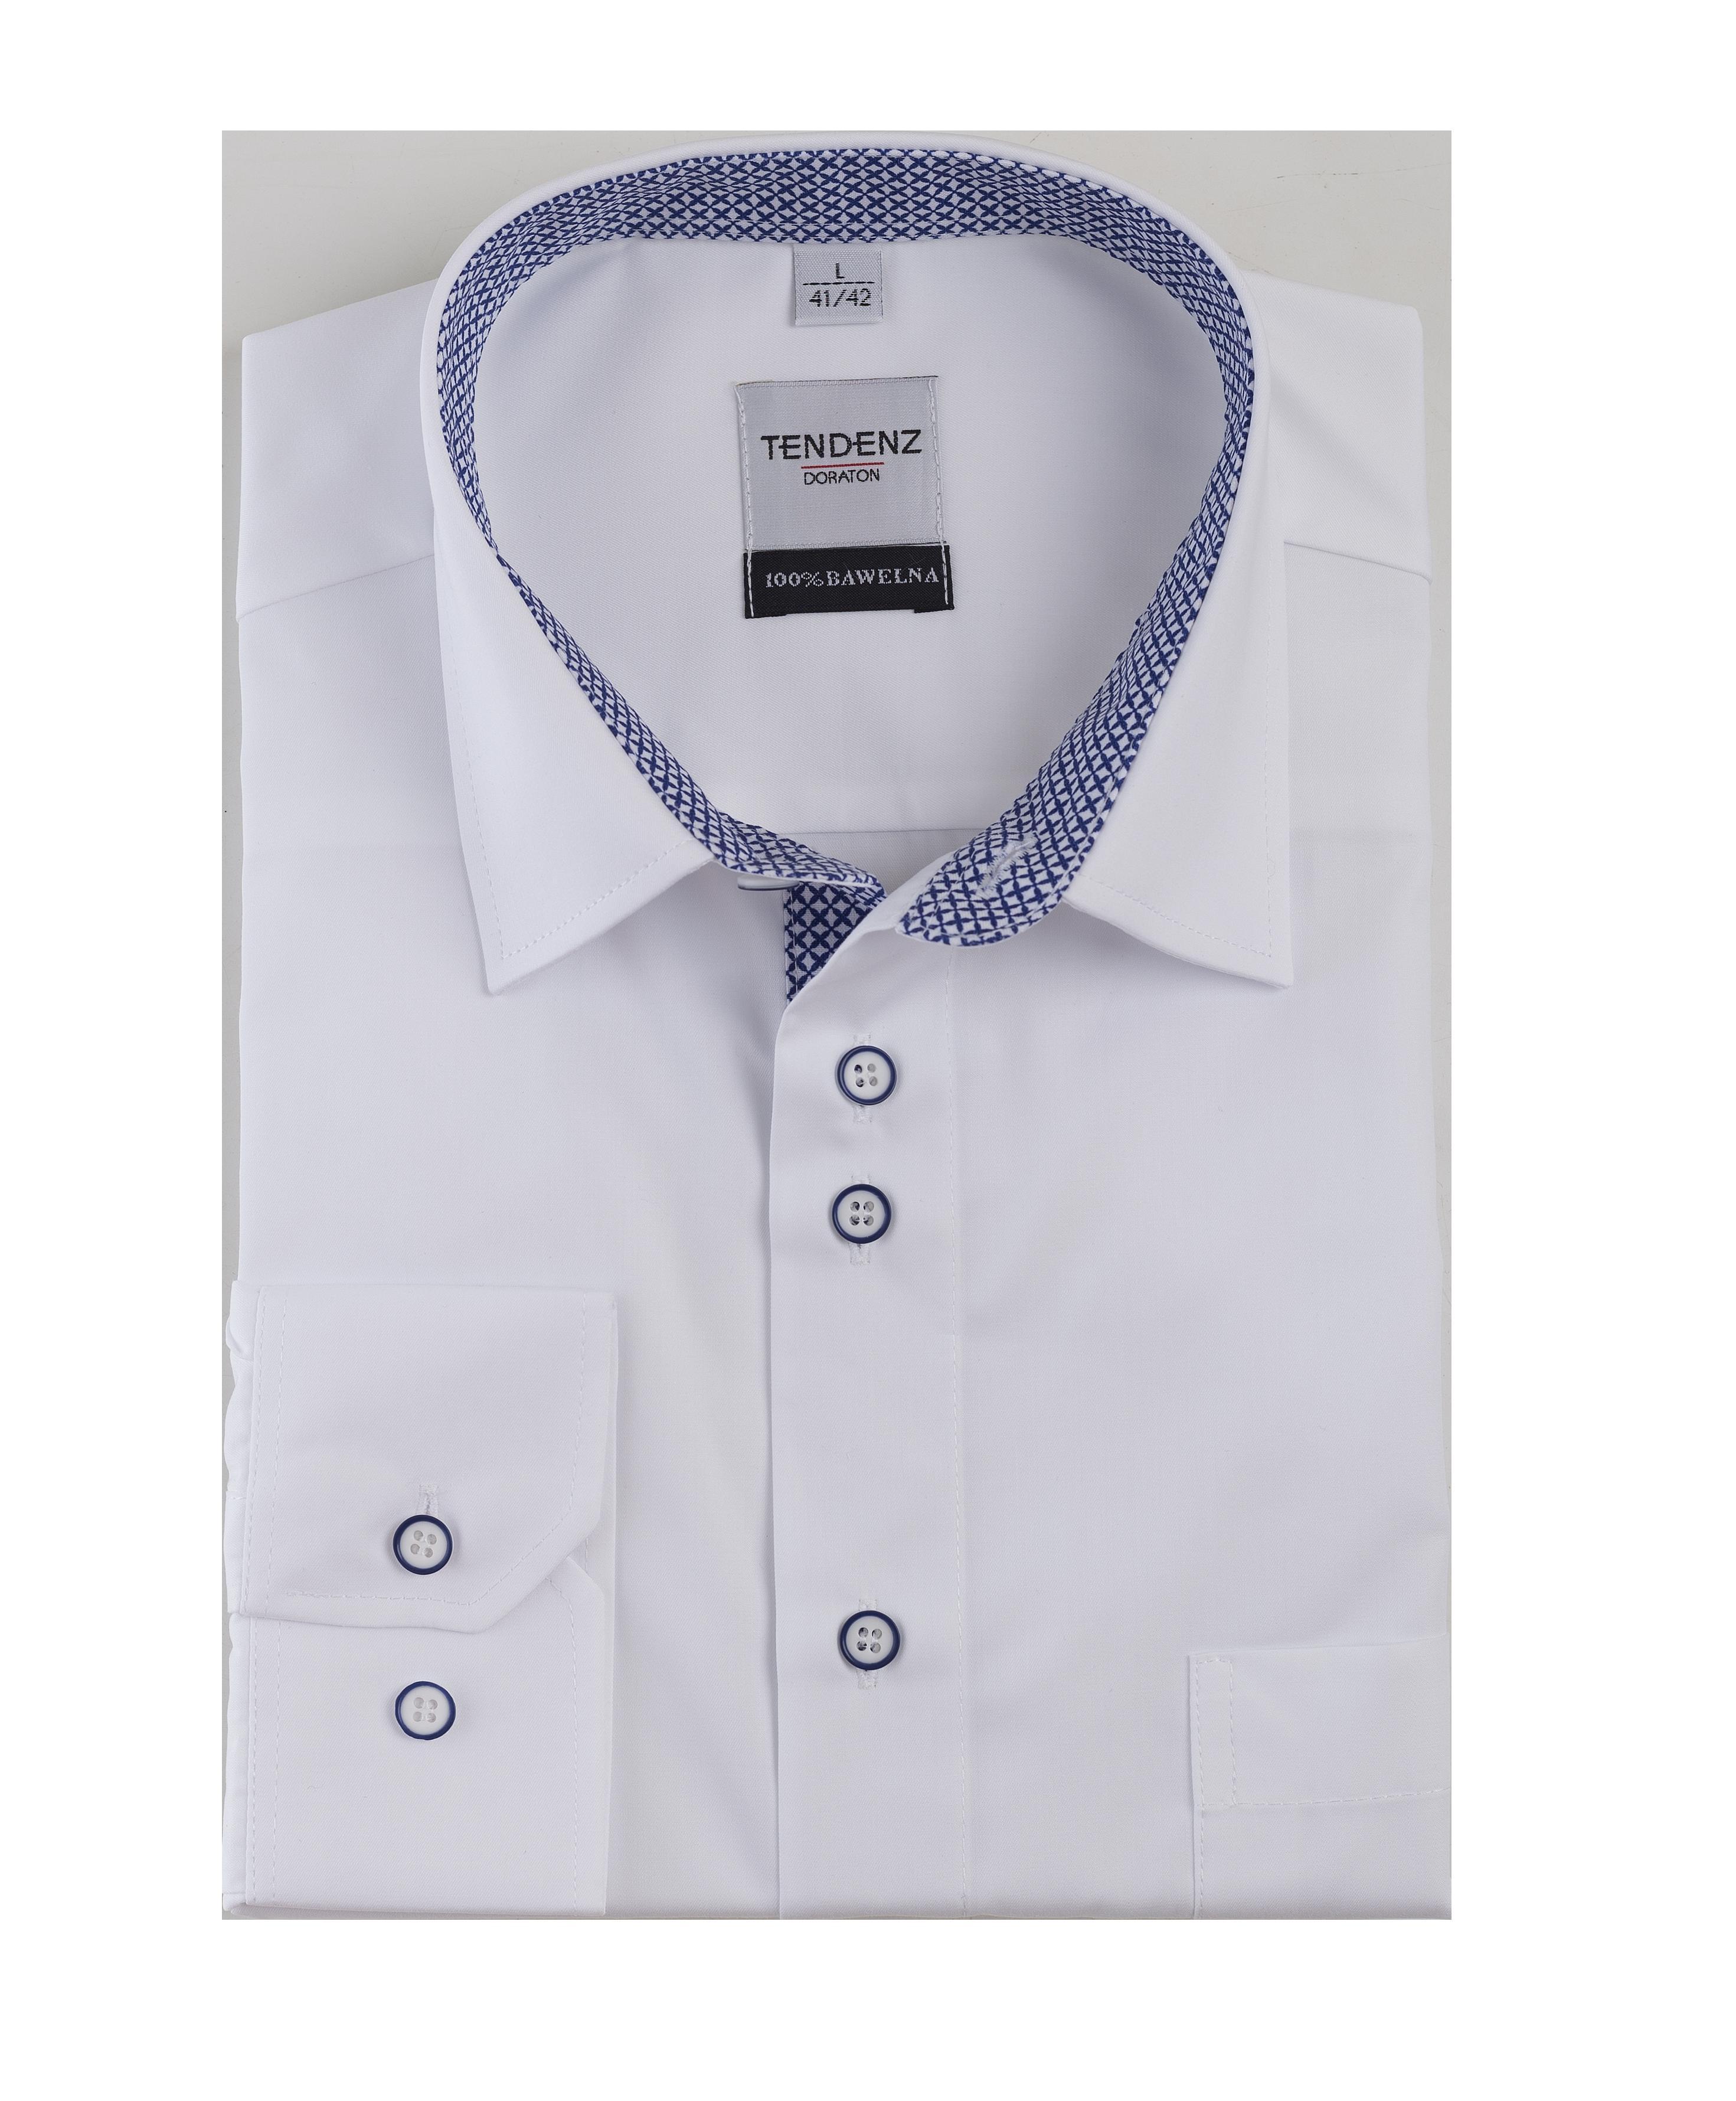 K35 - Koszula męska DORATON slim z długim rękawem